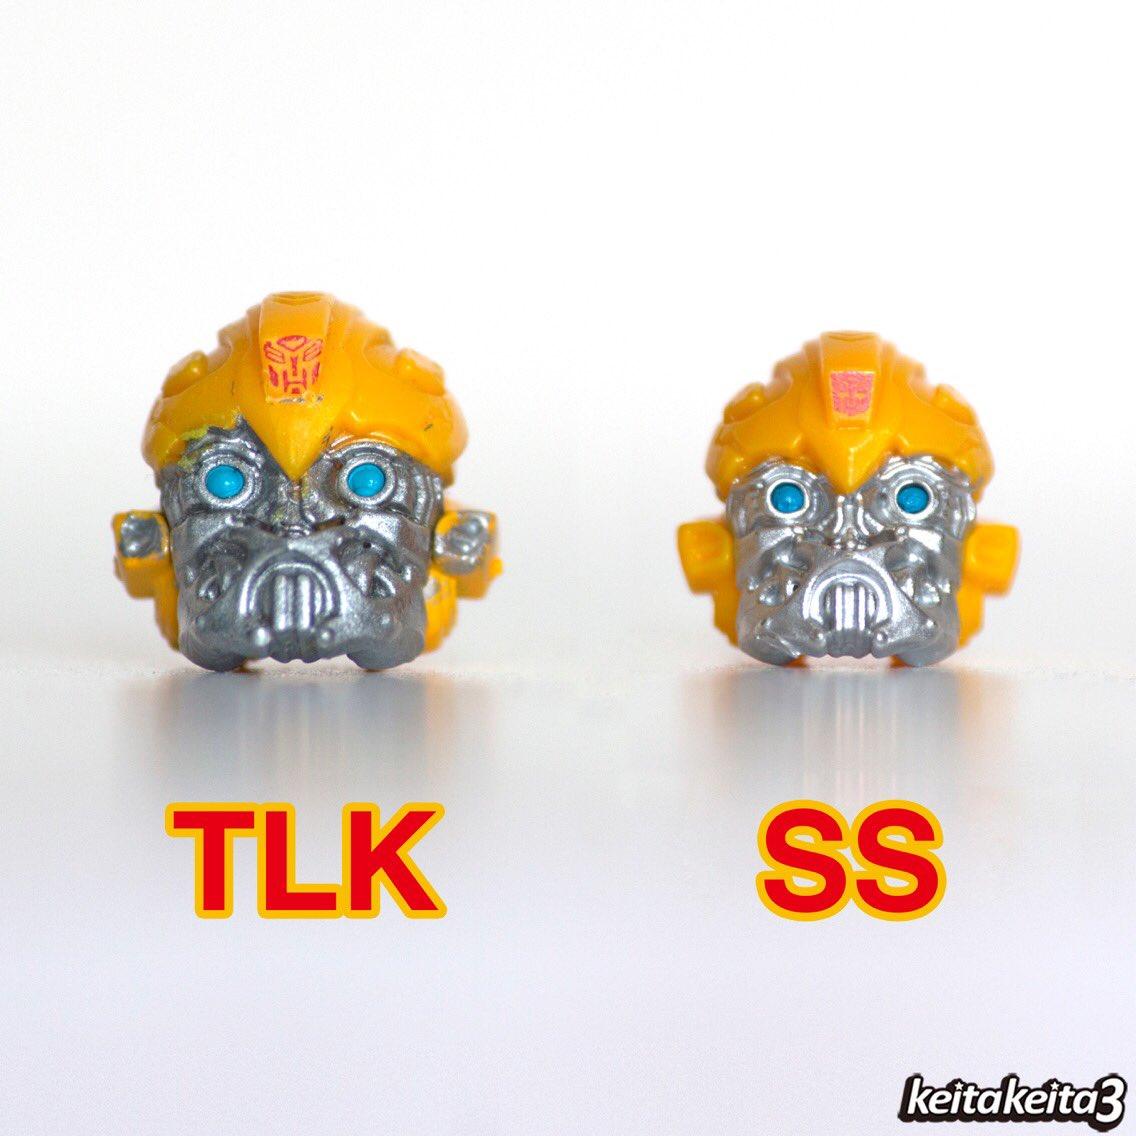 SSのヘッドをTLKのものに交換。一回り大きくなって、バランスがよくなった。 このままで変形もできるし、オススメ♪ #トランスフォーマー #バンブルビー